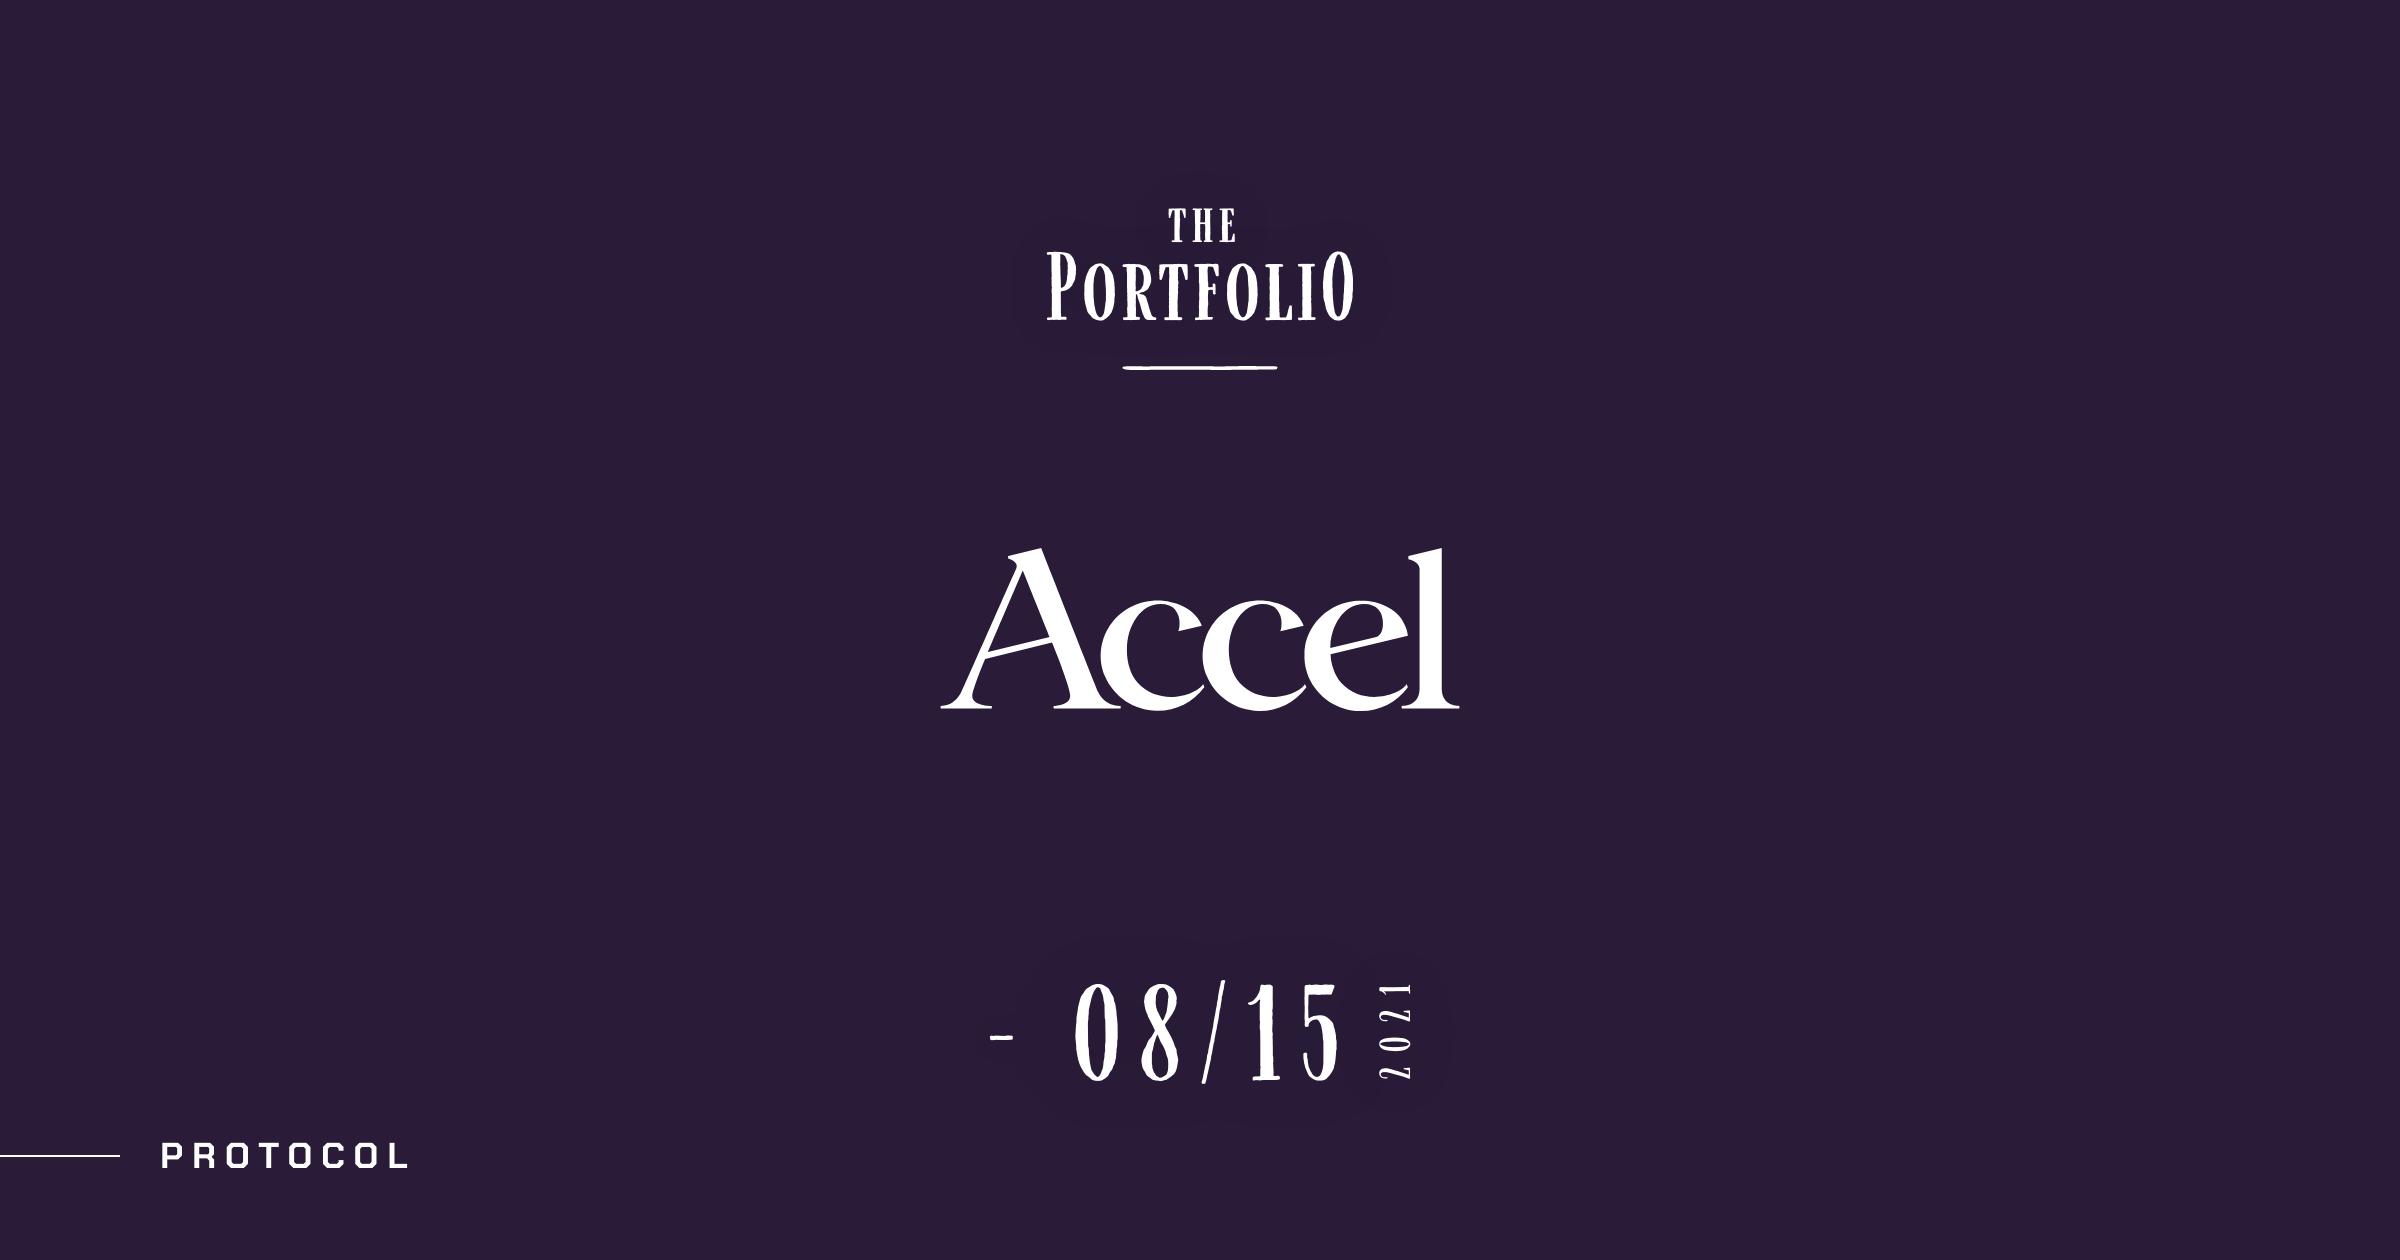 【The Portfolio:Accel】今週アクセルが投資した注目スタートアップ──2021年8月9日-8月15日